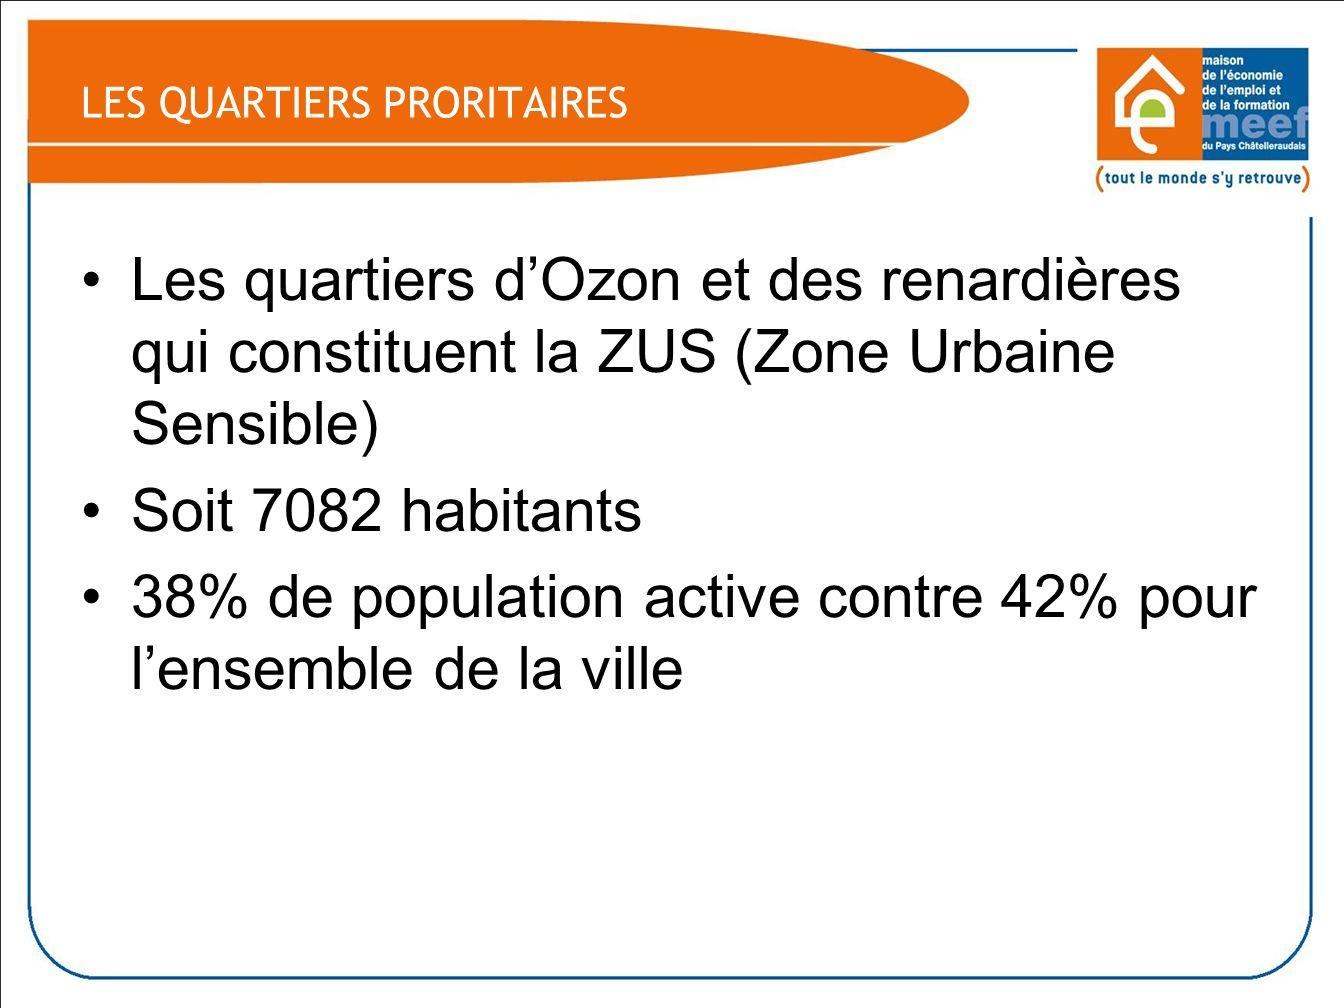 Les quartiers dOzon et des renardières qui constituent la ZUS (Zone Urbaine Sensible) Soit 7082 habitants 38% de population active contre 42% pour lensemble de la ville LES QUARTIERS PRORITAIRES